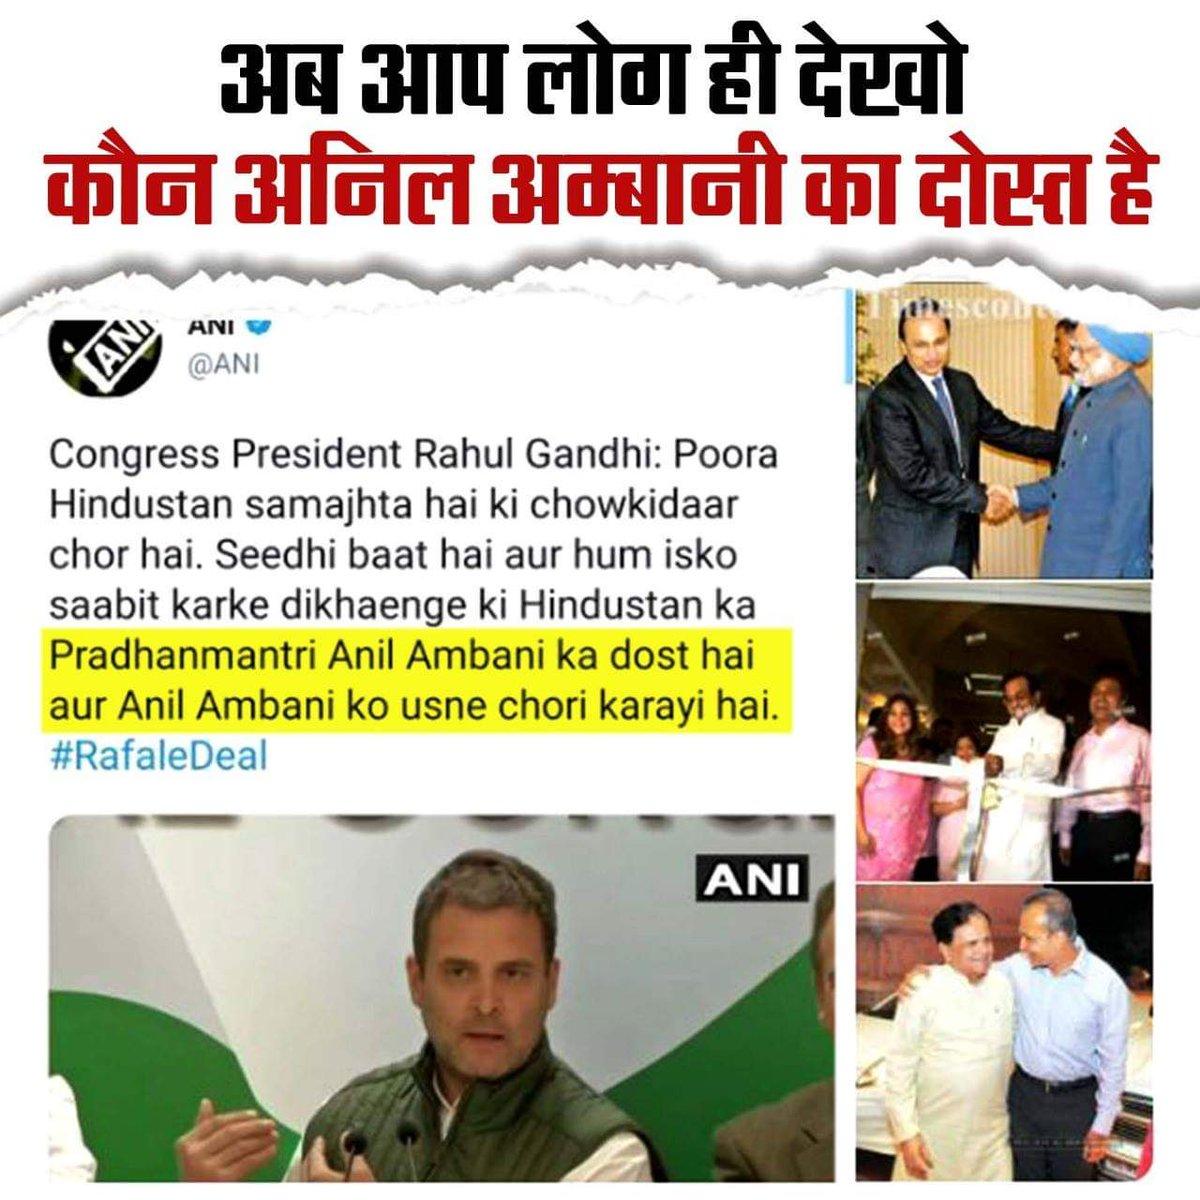 #Rahulkapurakhandanchor Latest News Trends Updates Images - MadhuRao7587